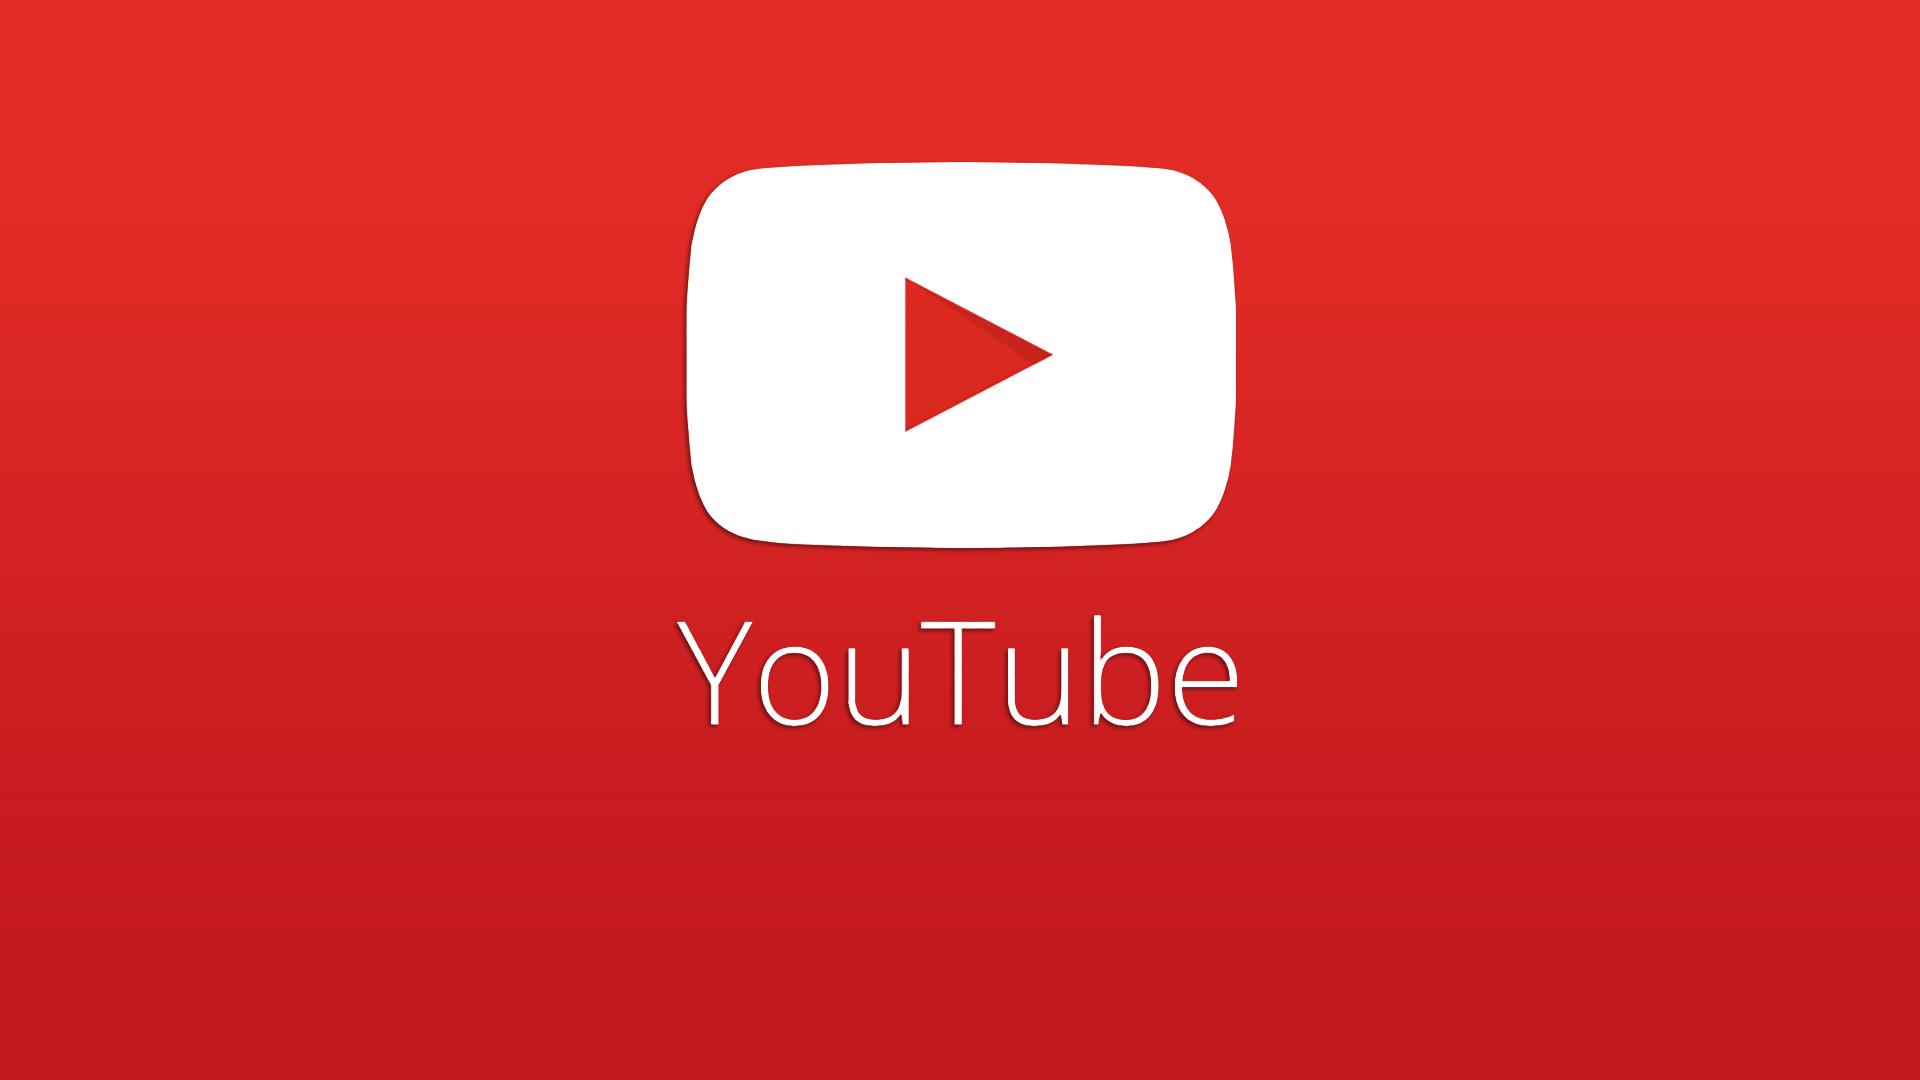 گوگل، یوتیوب را برای iOS بروزرسانی می کند